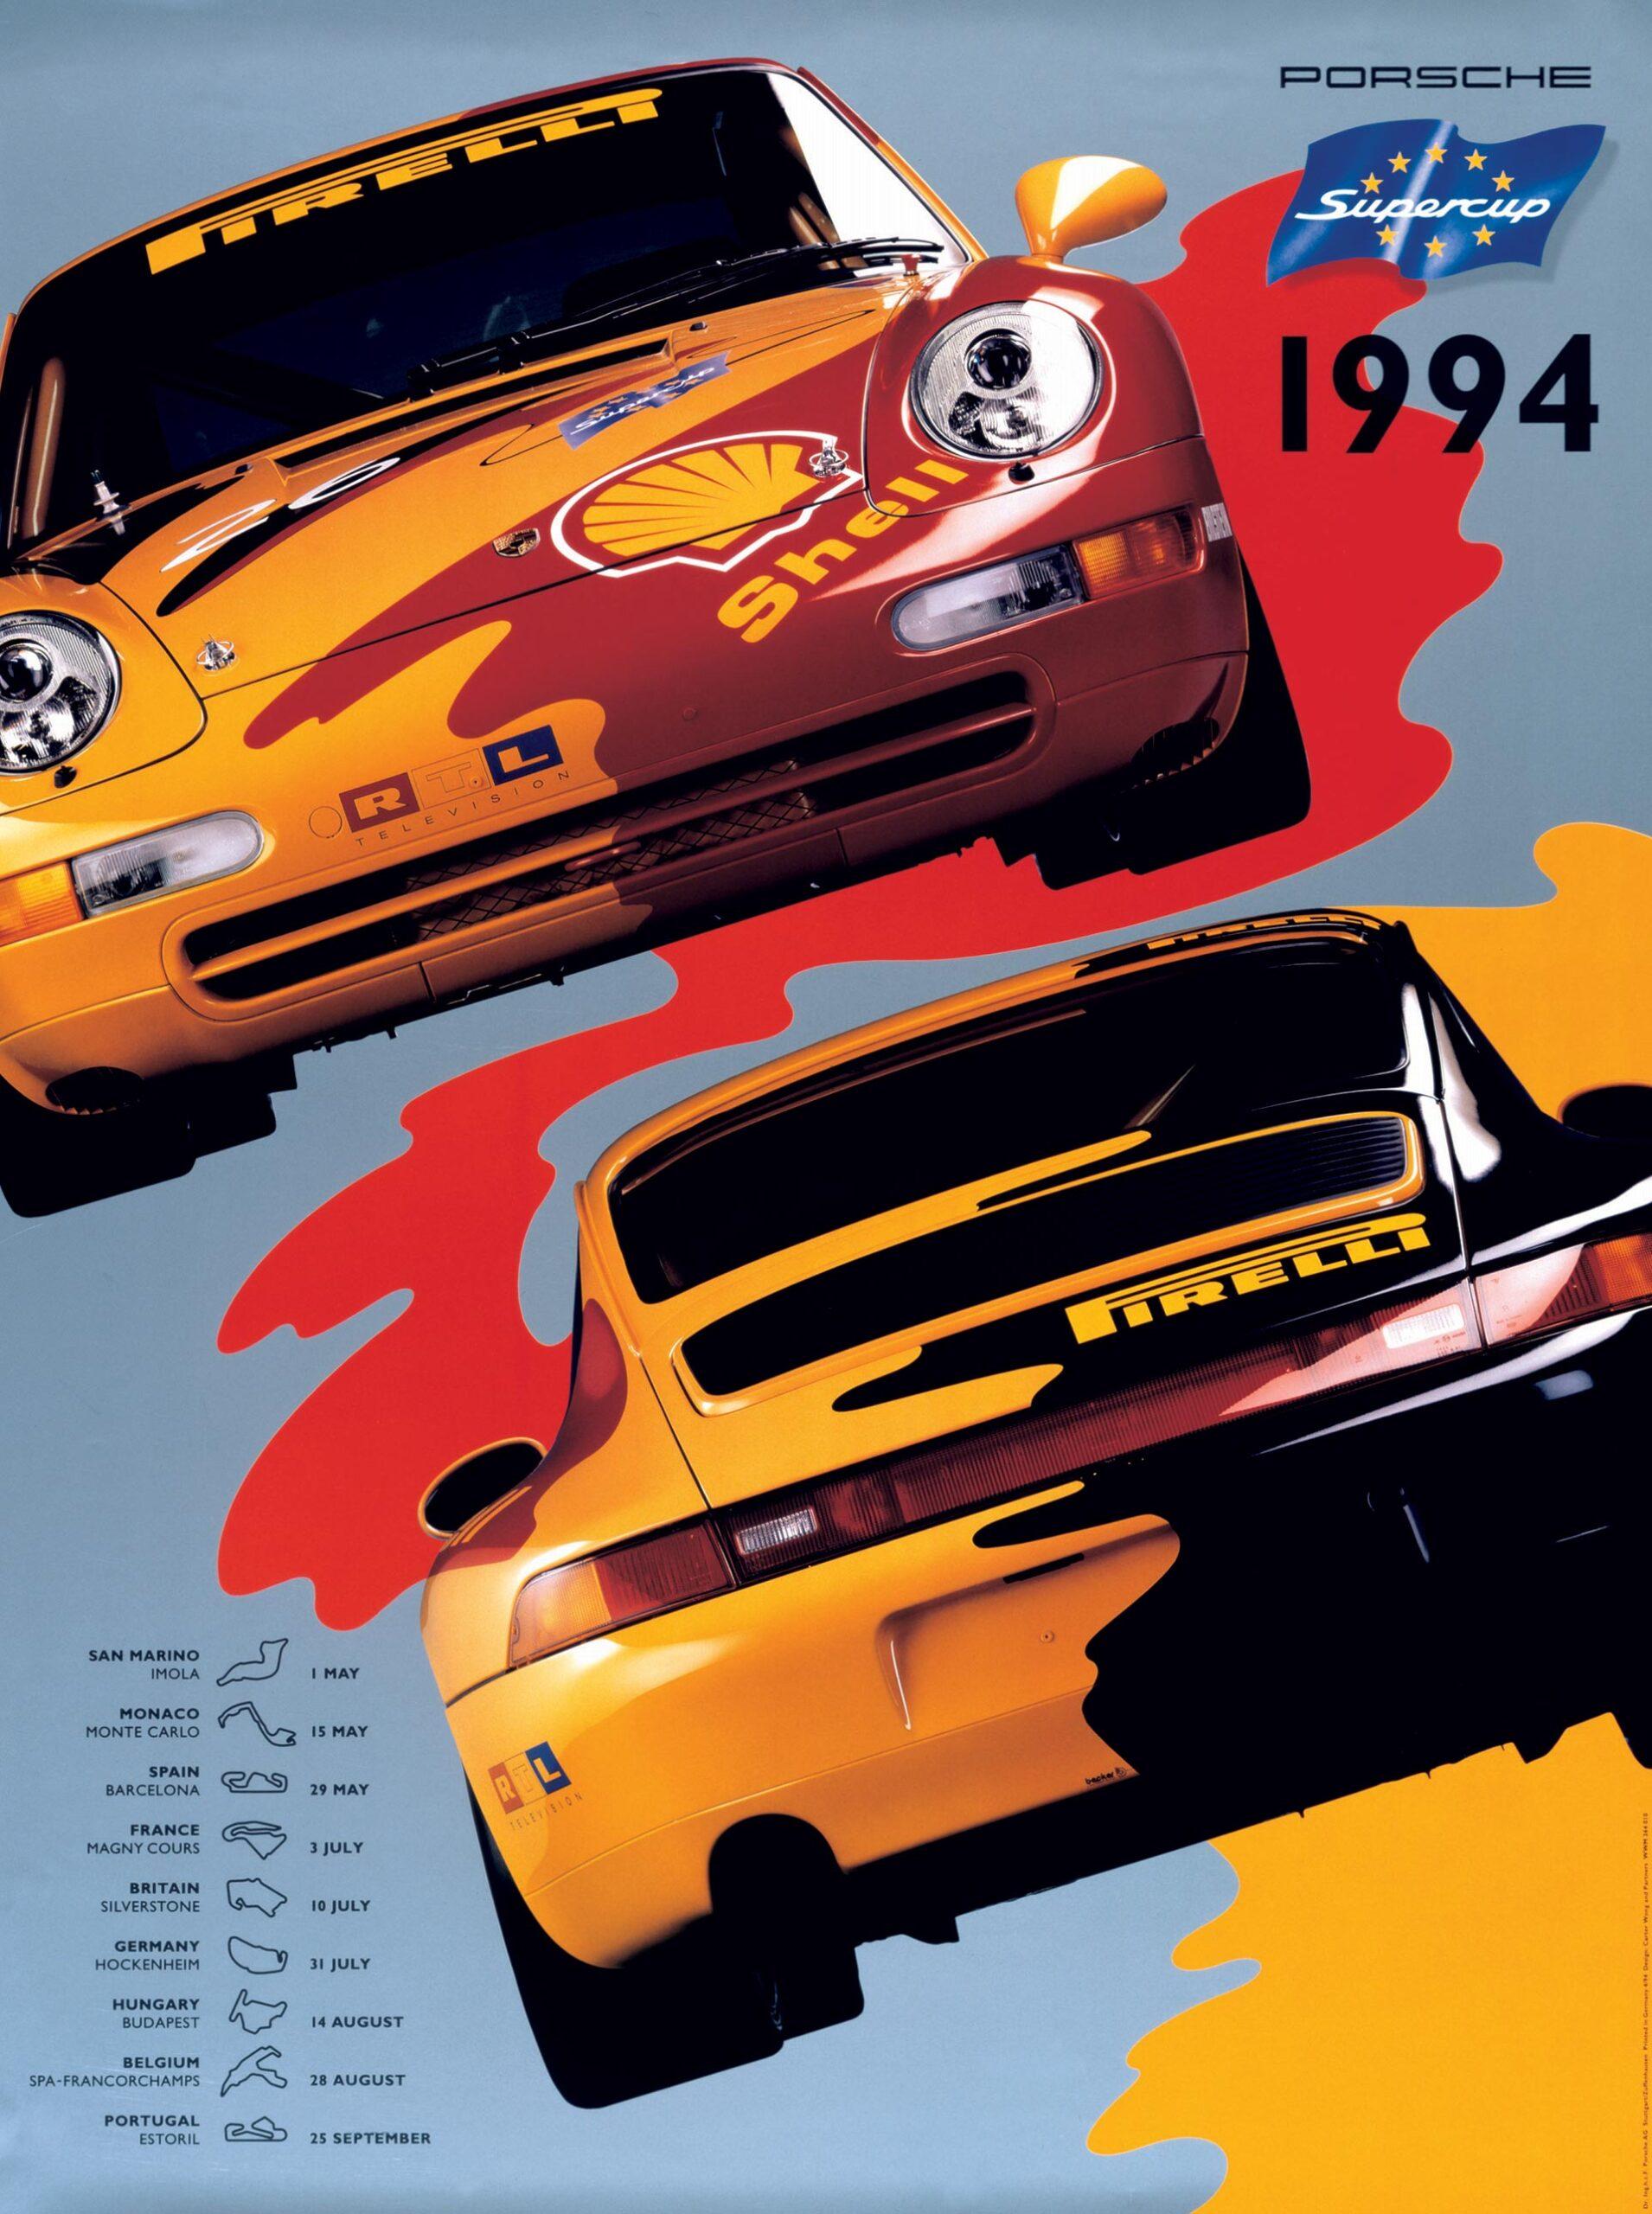 Plakat Porsche Supercup 1994